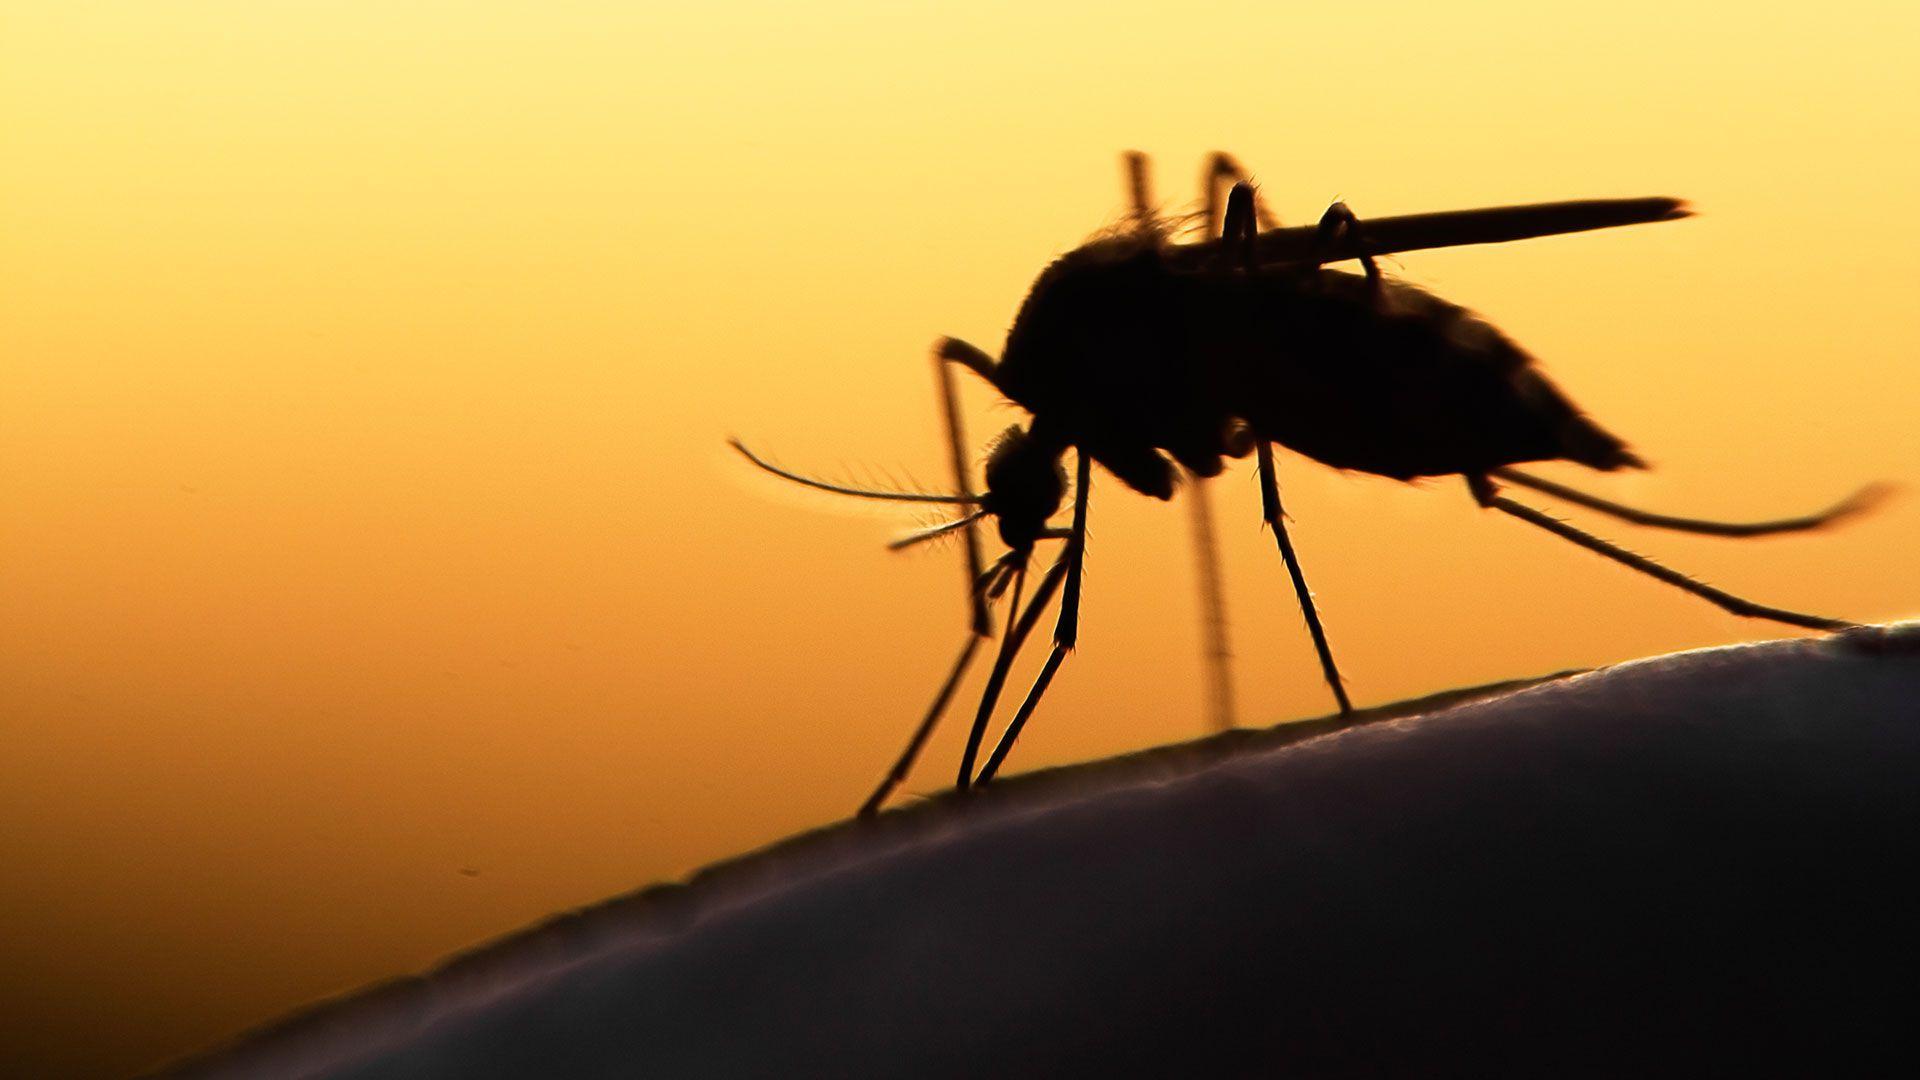 Las lluvias favorecen la aparición del insecto en esta época del año (Foto: Shutterstock)